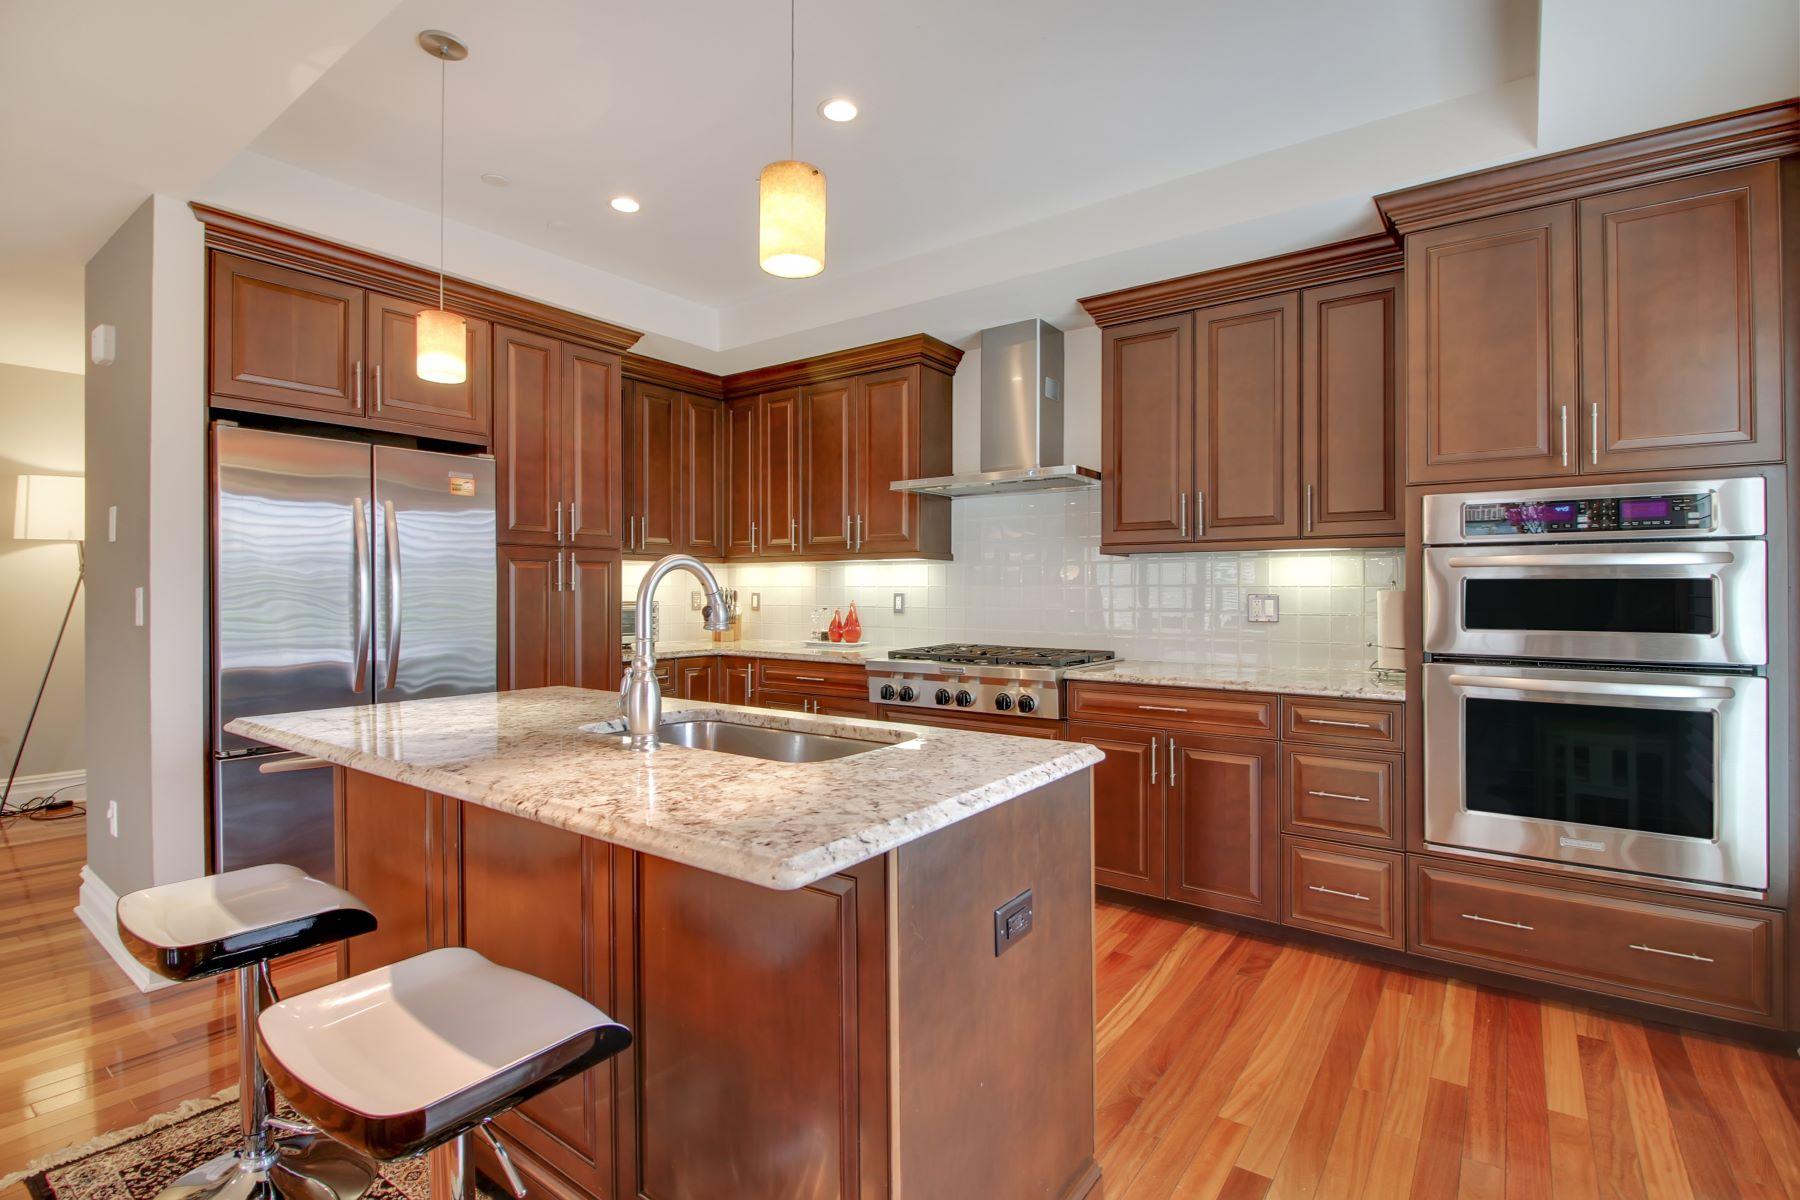 Квартира для того Аренда на Enjoy Luxury Living 200 Eton Row #31 Weehawken, Нью-Джерси 07086 Соединенные Штаты